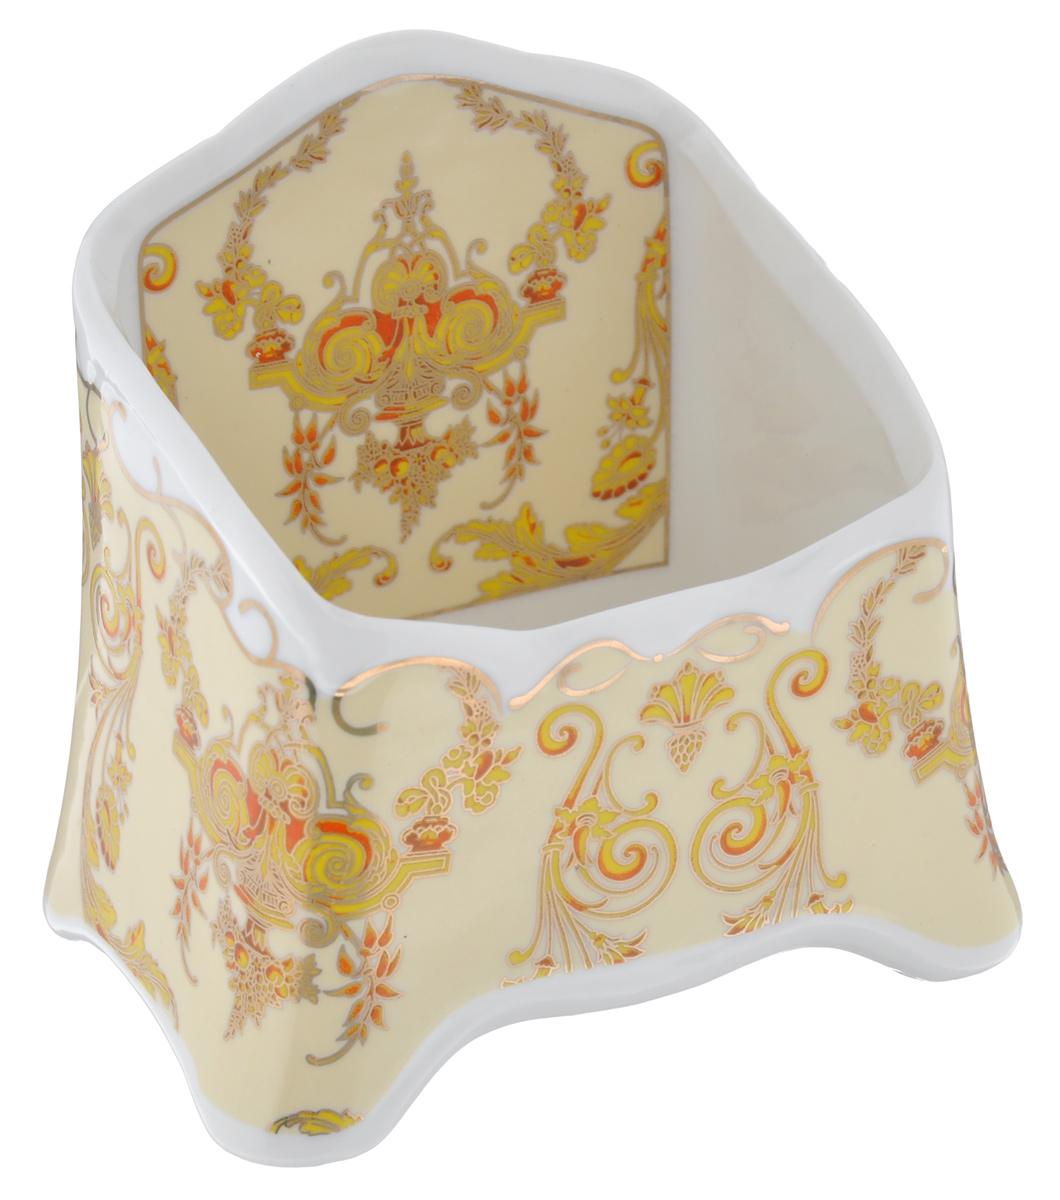 Подставка сервировочная для чайных пакетиков Elan Gallery Узоры, цвет: белый, желтый, золотистый, 10,5 х 7 х 10,5 см503967Сервировочная подставка для чайных пакетиков Elan Gallery Узоры, изготовленная из высококачественной керамики, порадует вас оригинальностью и дизайном. Изделие декорировано цветочными узорами и имеет изысканный внешний вид.Такая подставка, несомненно, понравится любой хозяйке и украсит интерьер любой кухни!